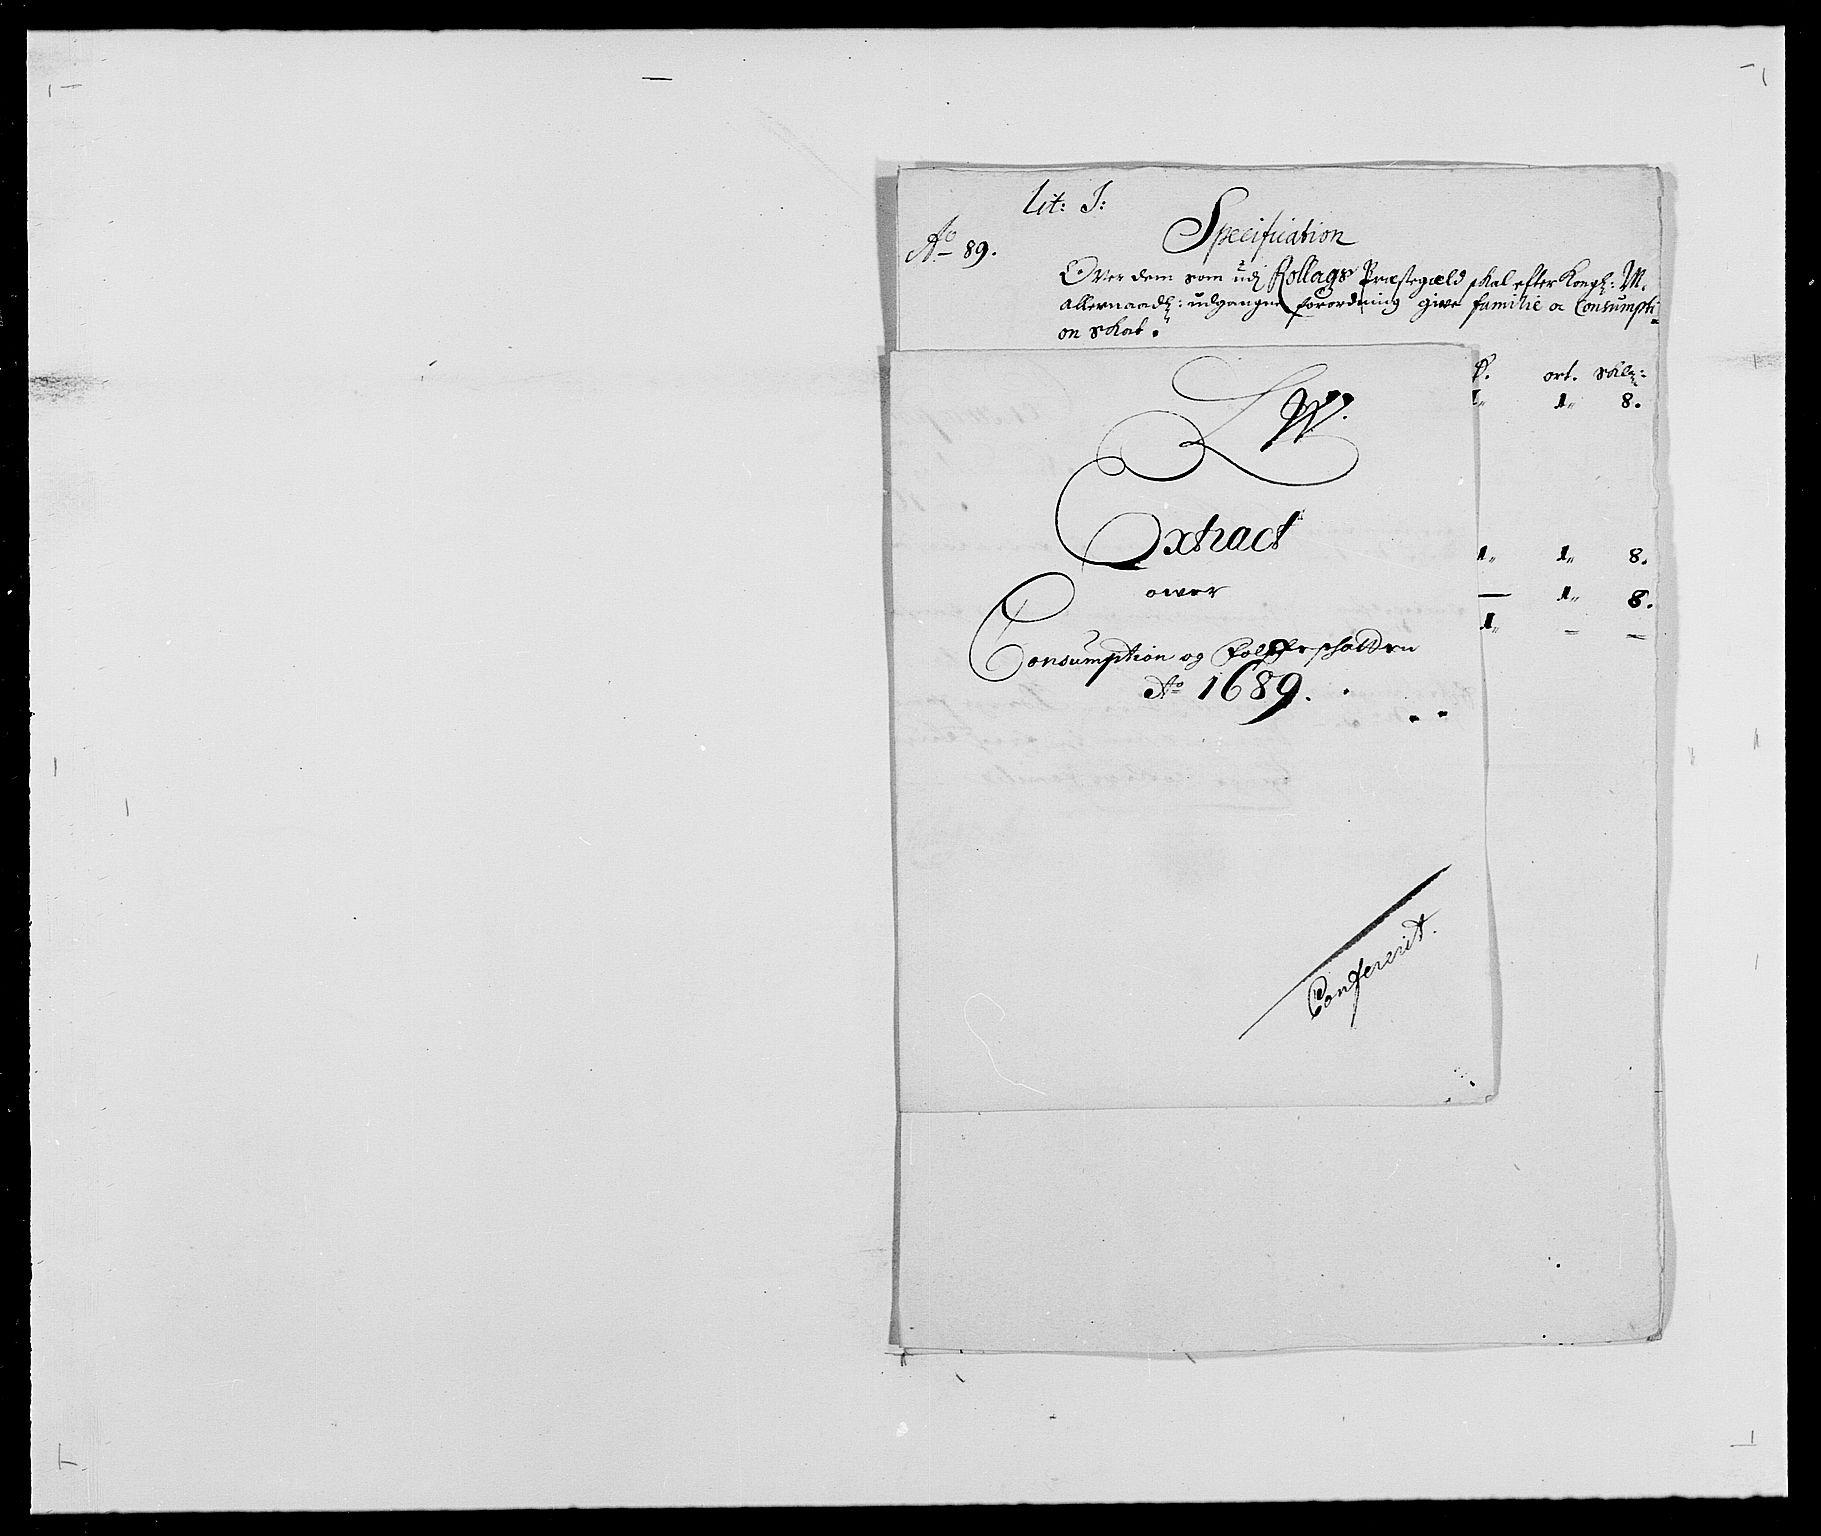 RA, Rentekammeret inntil 1814, Reviderte regnskaper, Fogderegnskap, R24/L1573: Fogderegnskap Numedal og Sandsvær, 1687-1691, s. 404